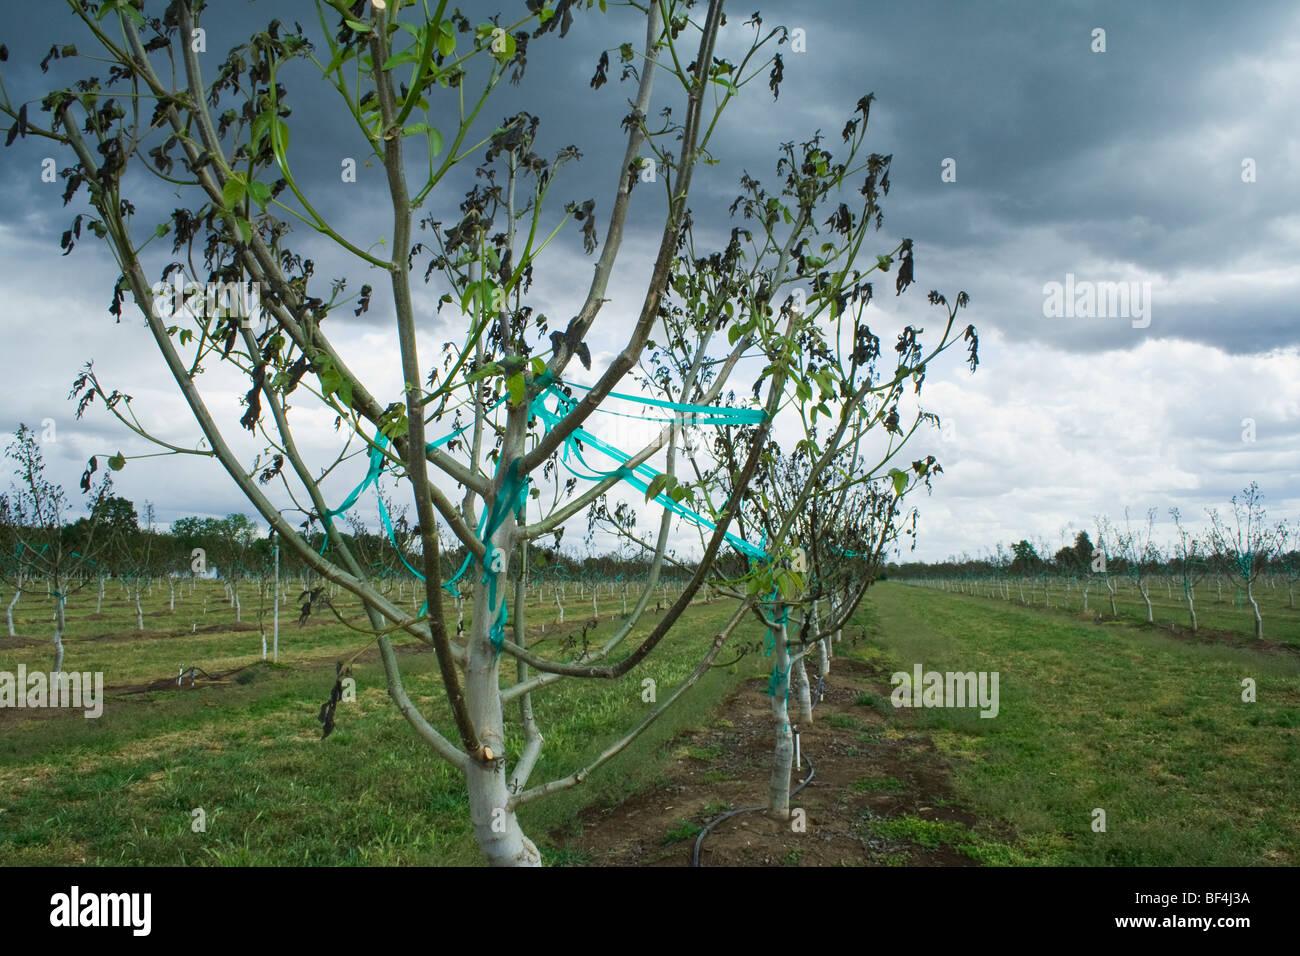 Landwirtschaft - Schaden Walnuss Bäume verursacht durch eine schwere ungewöhnliche Frühling Einfrieren Stockbild